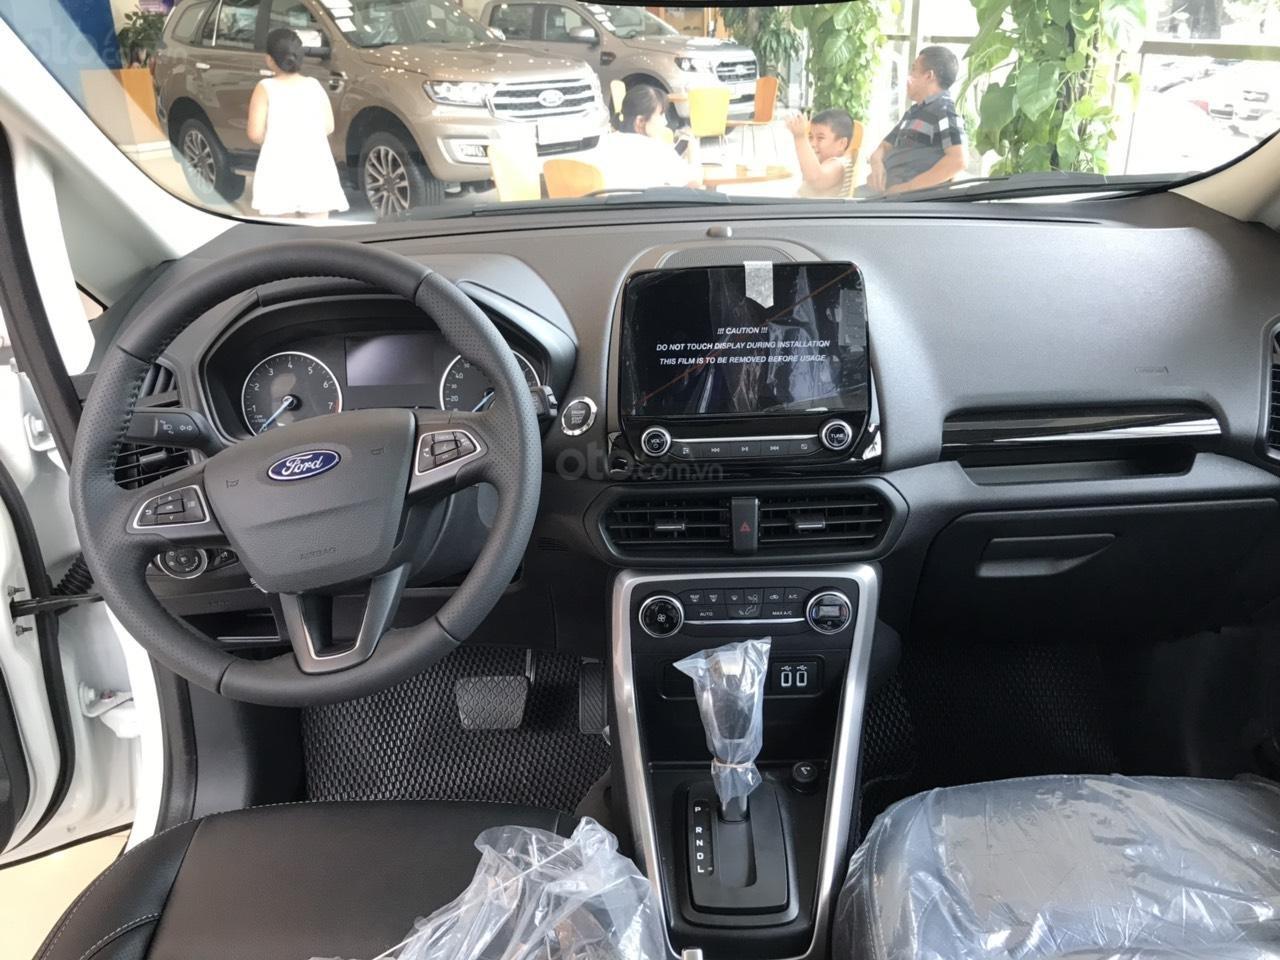 Bán xe Ford Ecosport Titanium 1.5L AT 2019, xe giao ngay, hỗ trợ các thủ tục, hỗ trợ trả góp 80% (6)